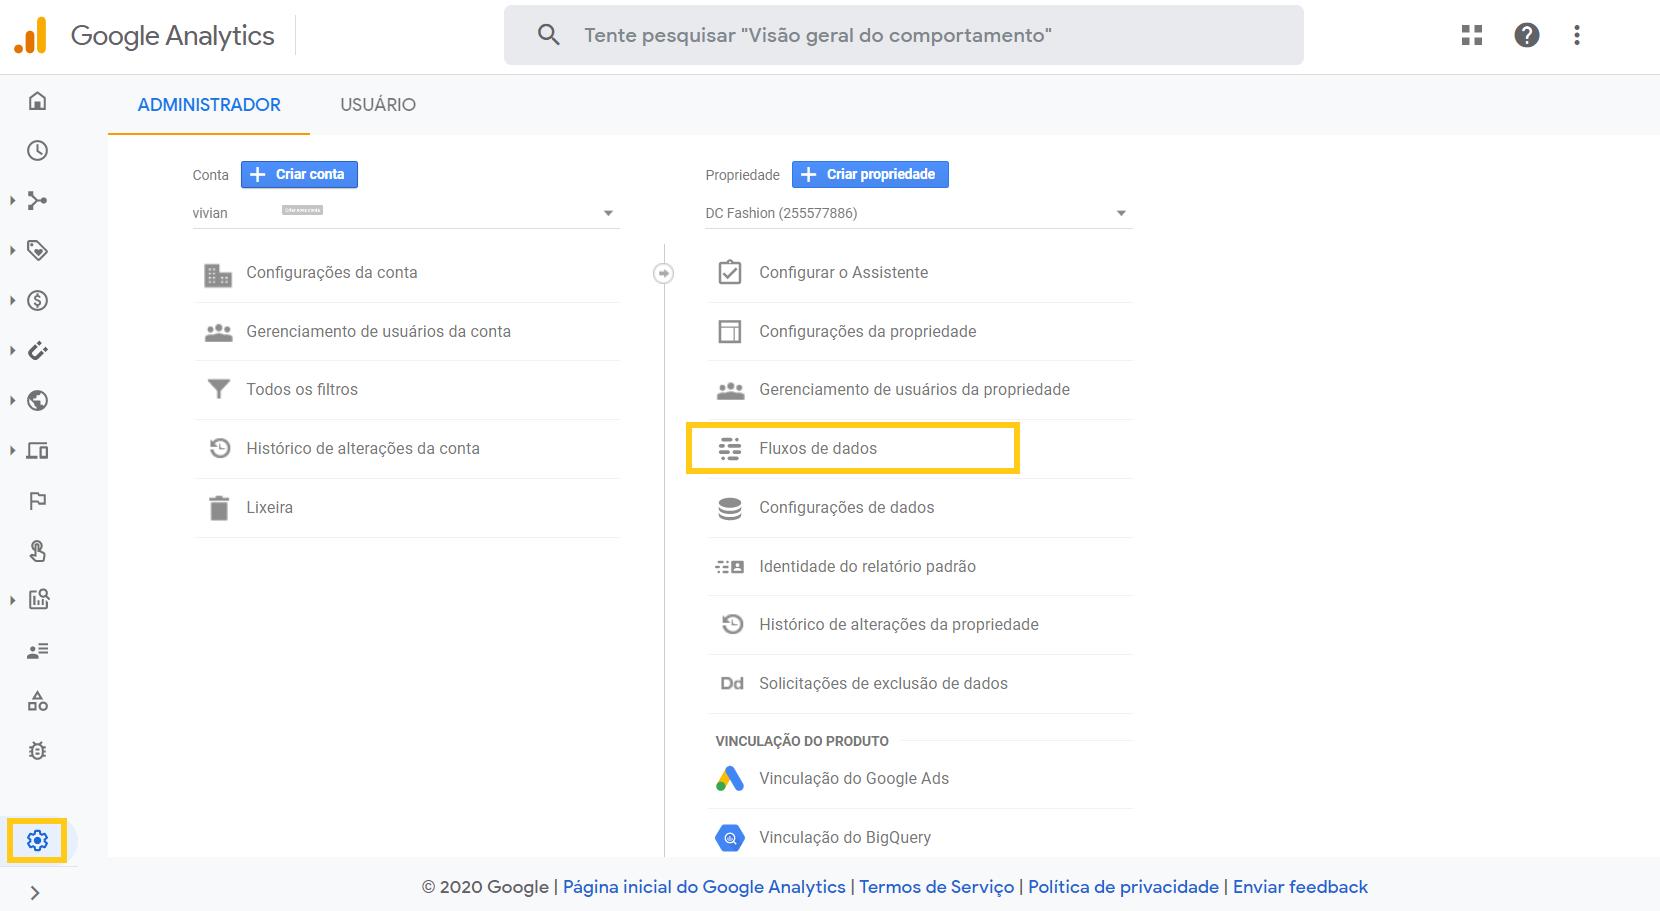 google analytics - fluxo .png